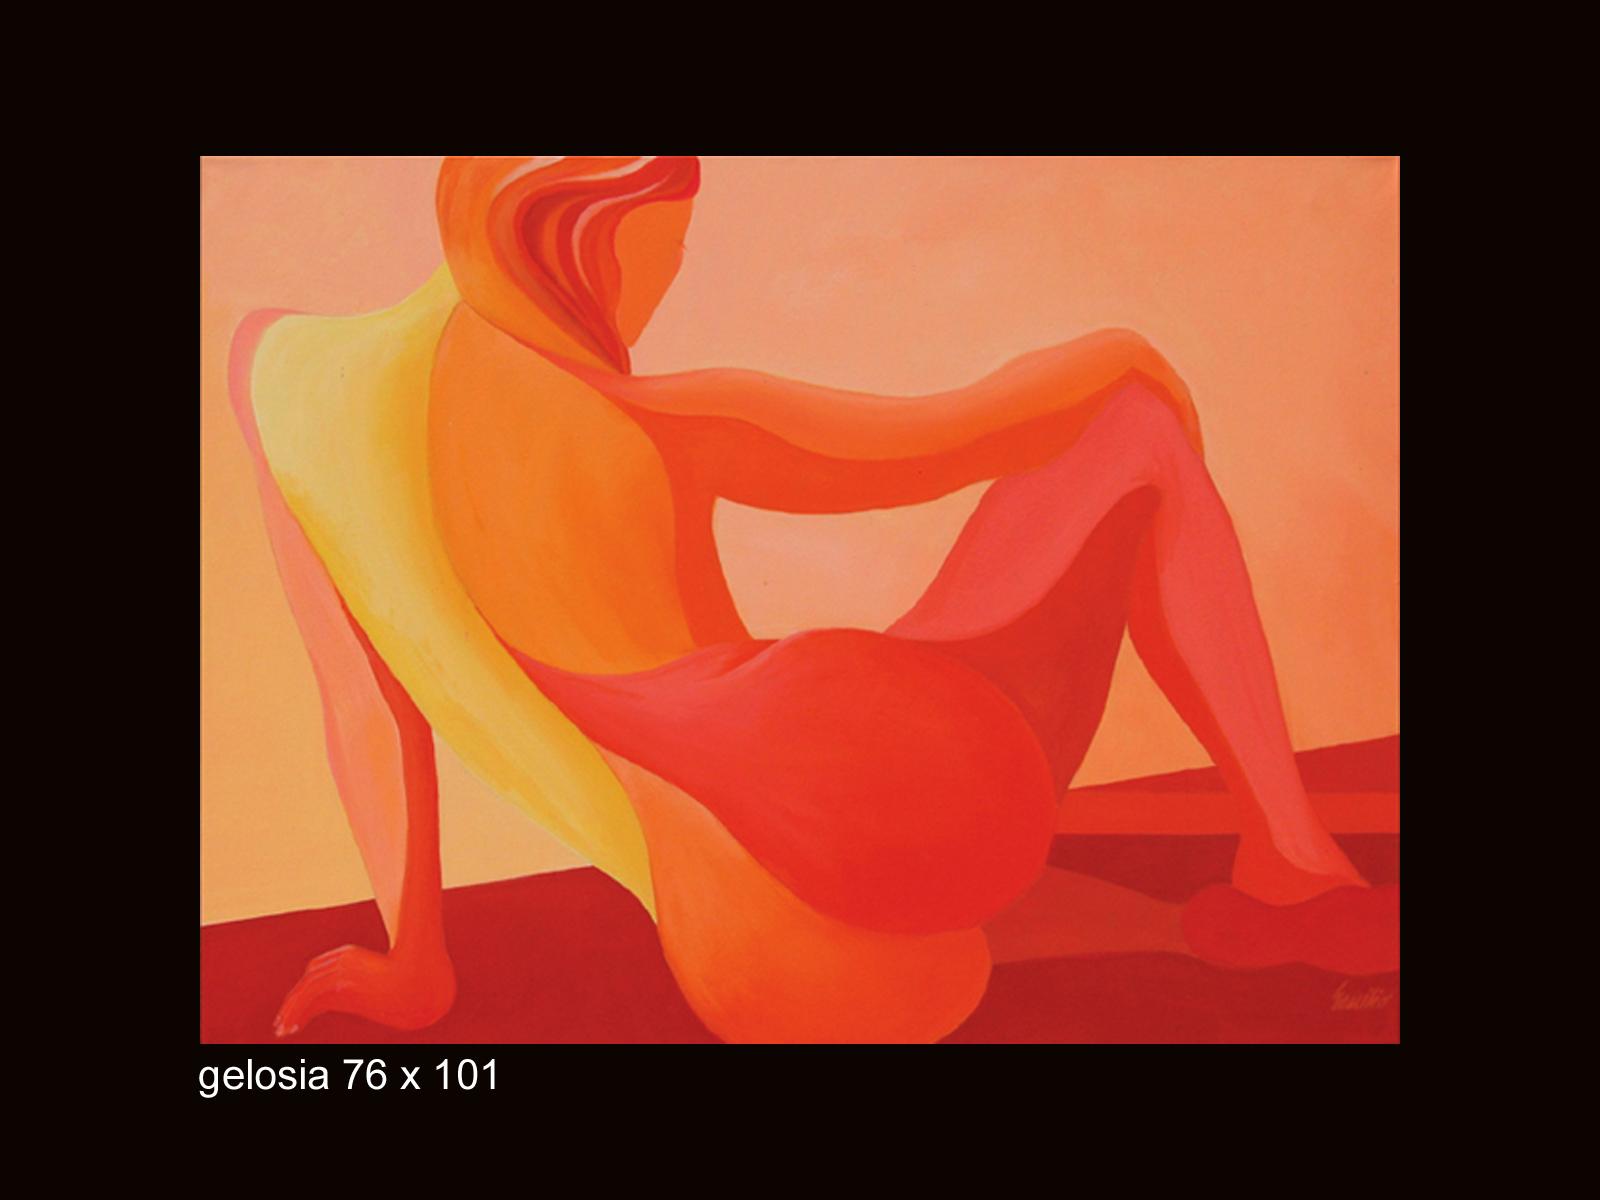 acrylic_gelosia_76x101a